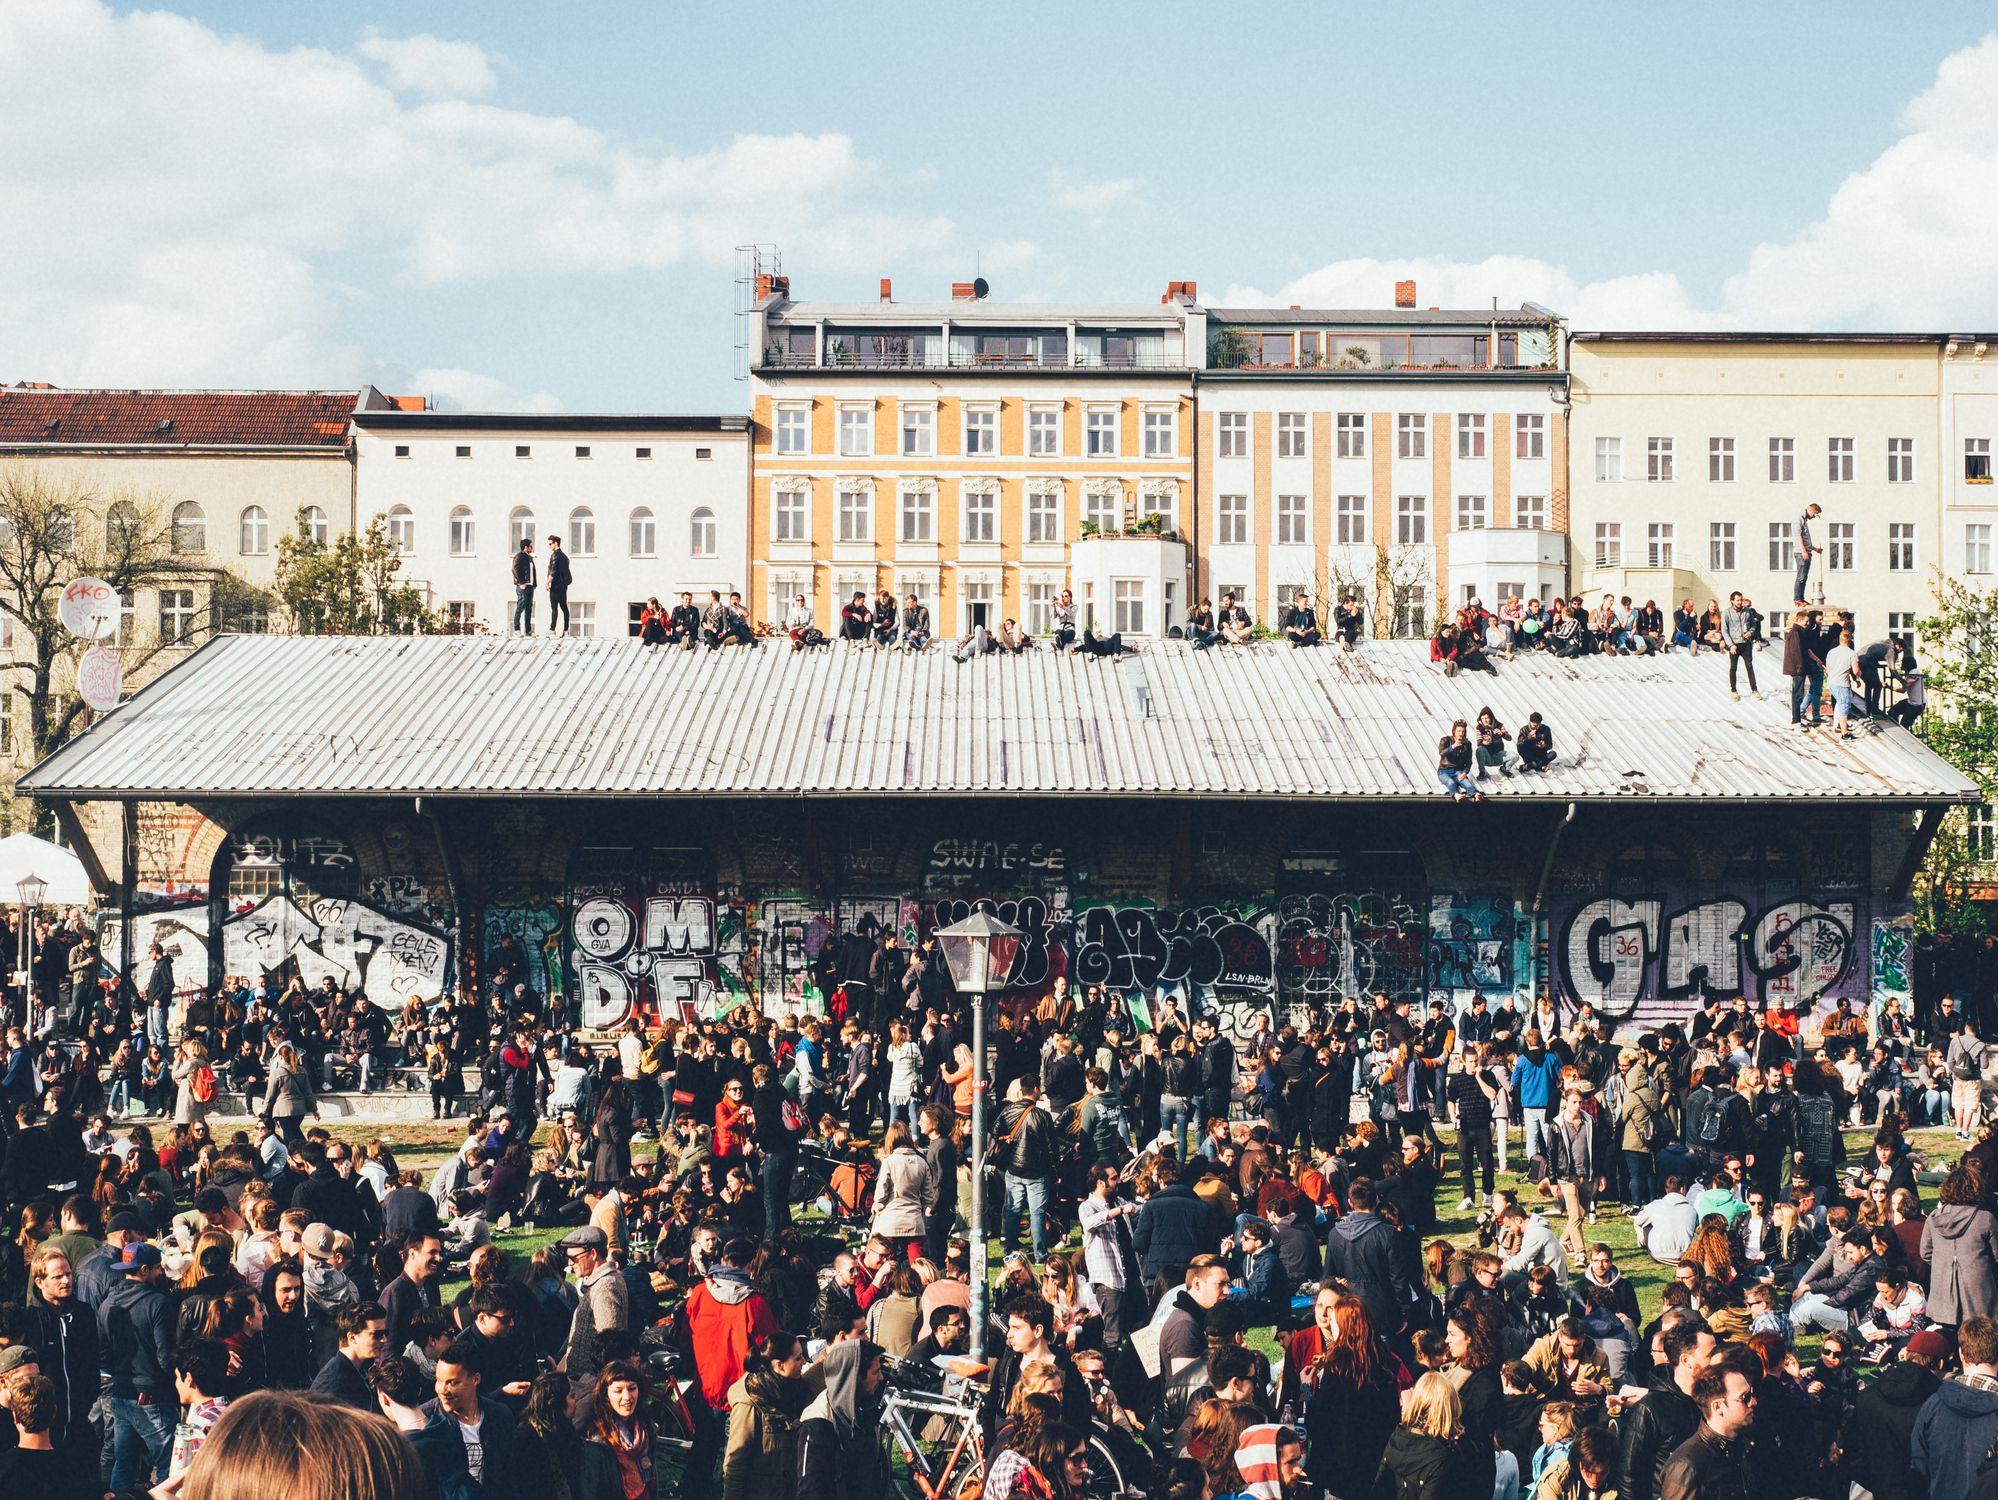 Berlin 1 May